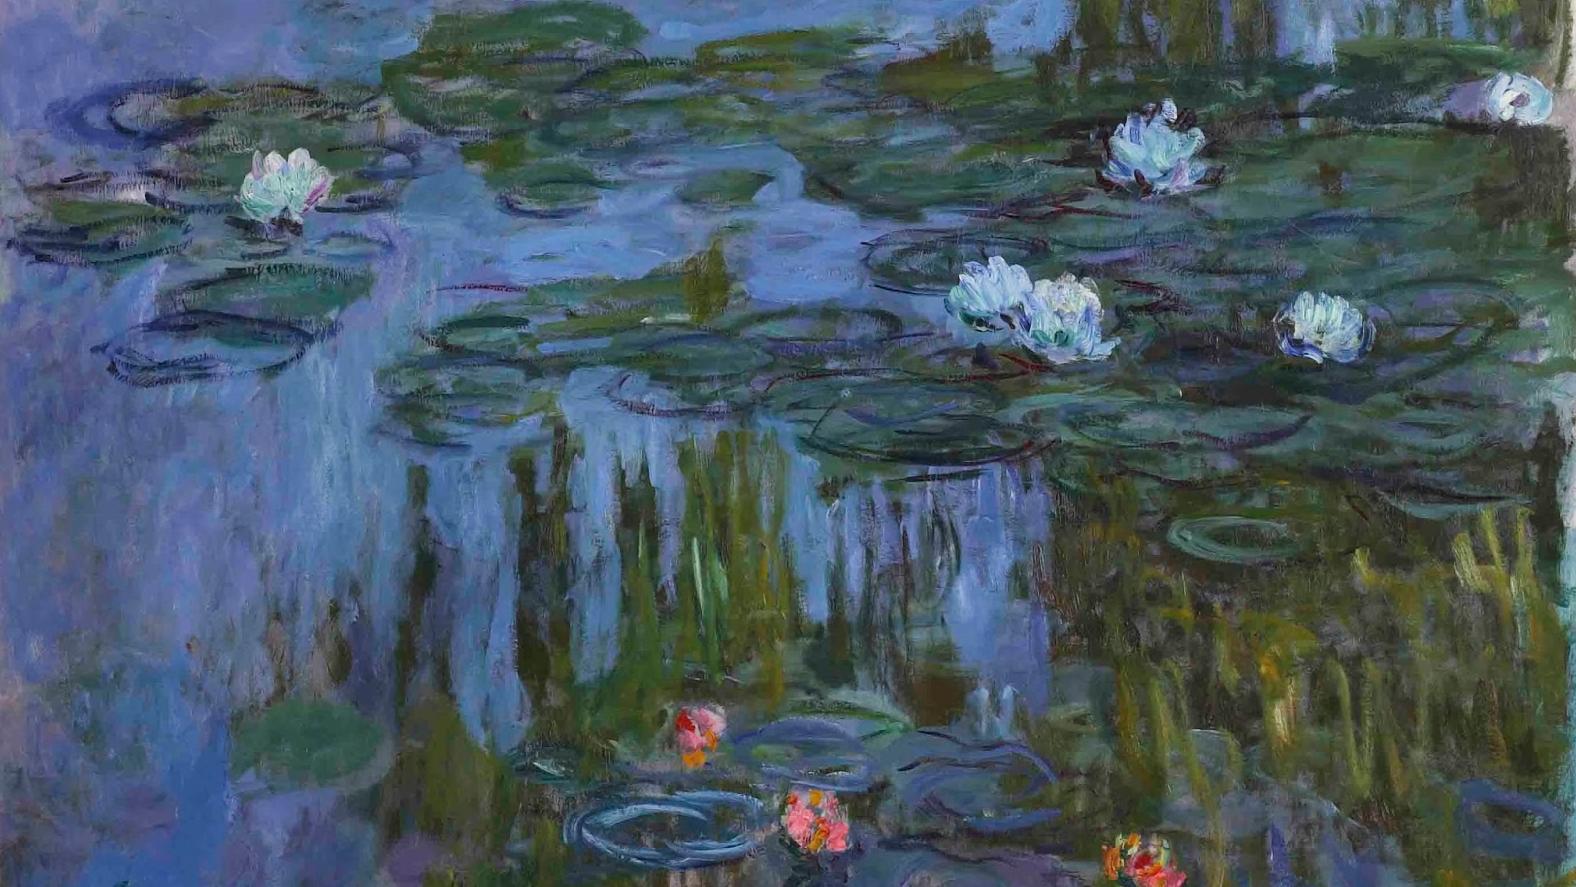 Купить билеты в кино на Сады в живописи: От Моне до Матисса Painting the Modern Garden: Monet to Matisse | расписание сеансов, трейлер, обзор фильма, отзывы — ParkSeason